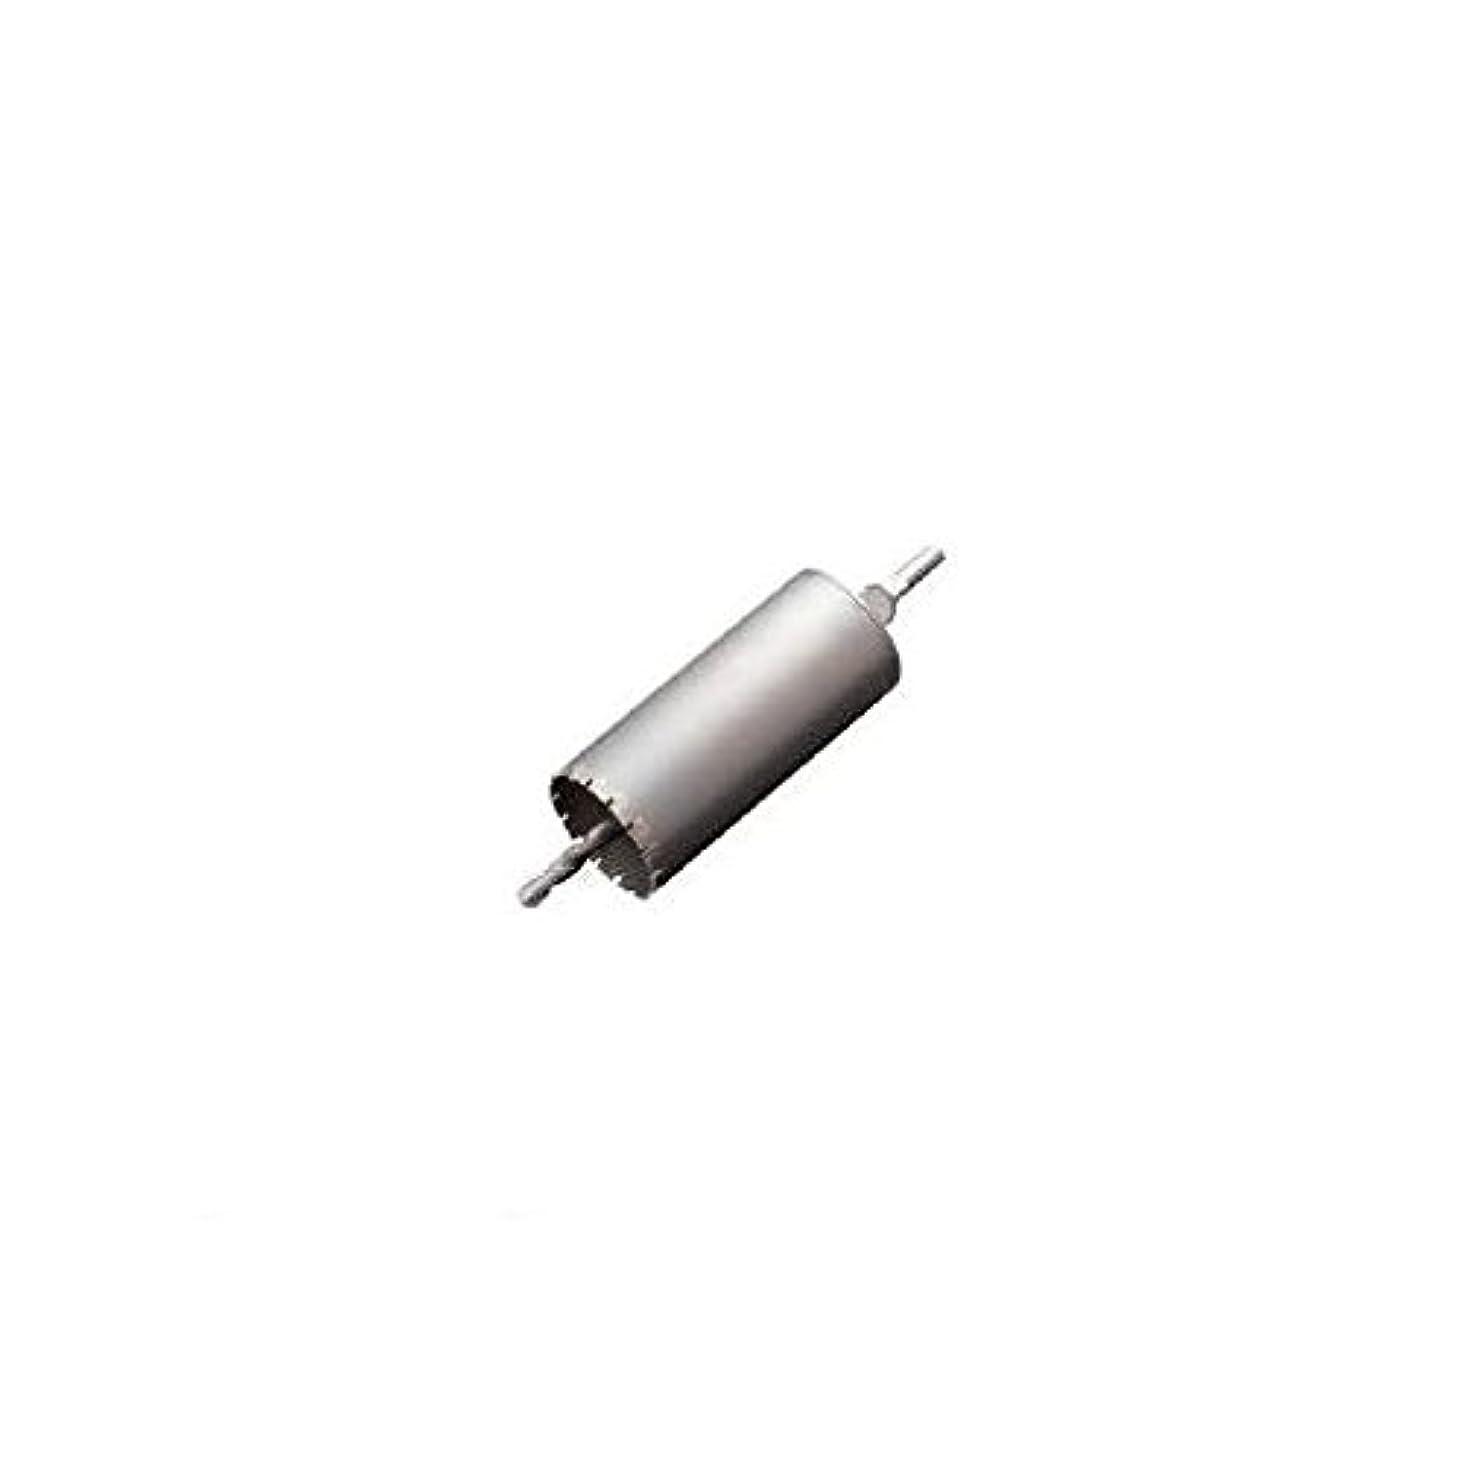 喉頭資源不愉快にGP80894 ESコアドリル ALC用70mm ストレートシャンク